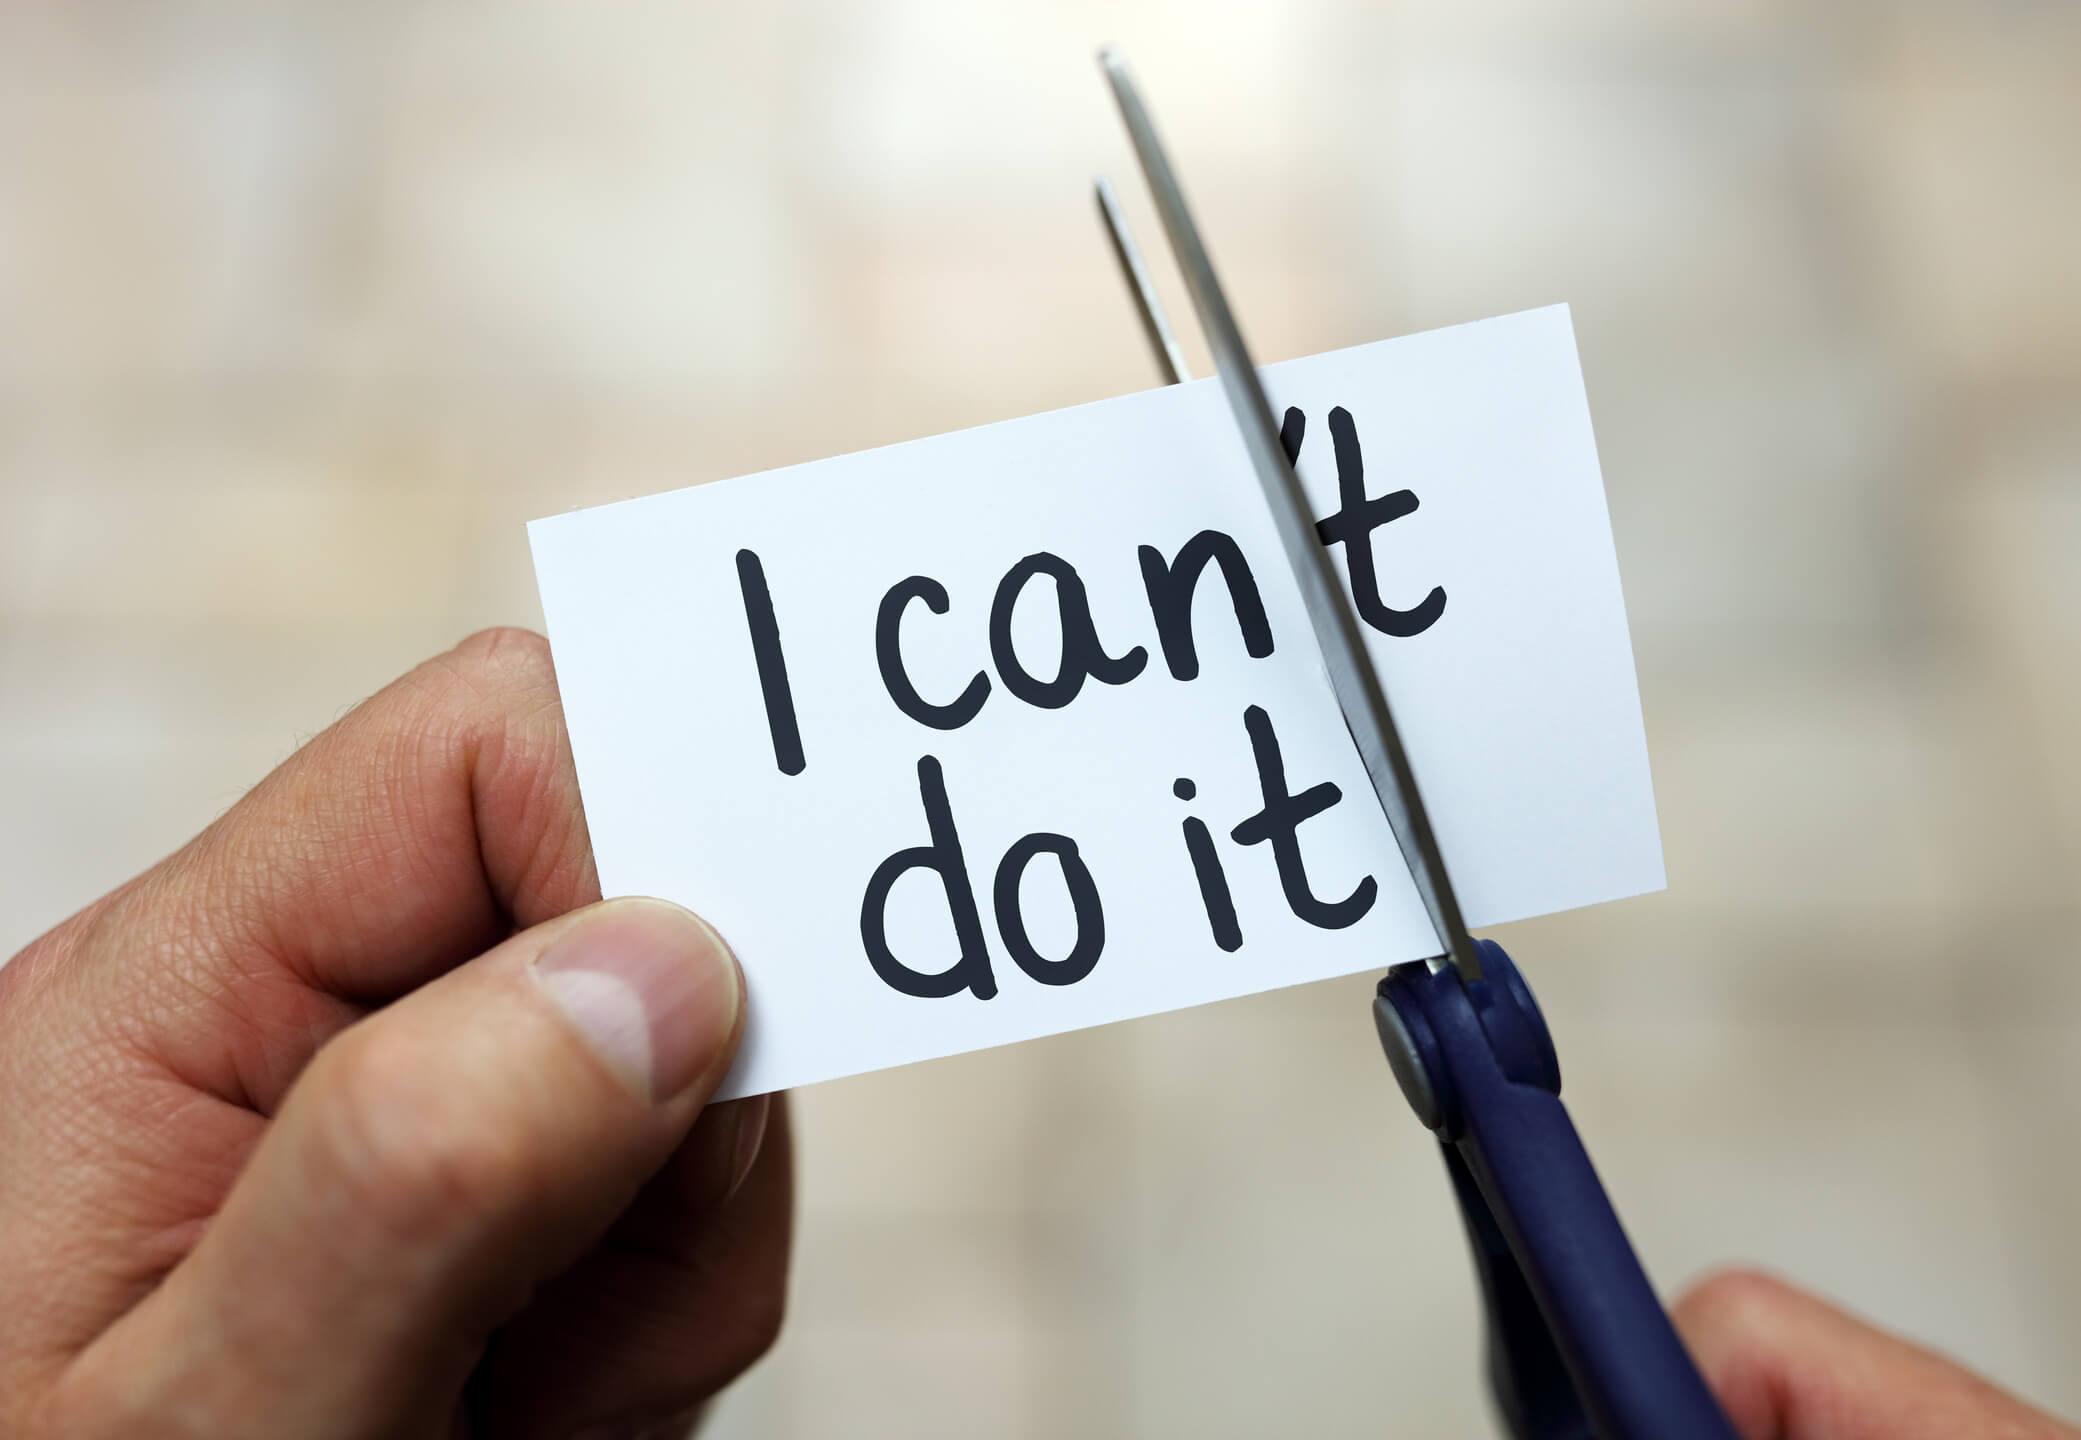 آنچه در مقابل موفقیت است، شکست نیست؛ دستبهکار نشدن است.